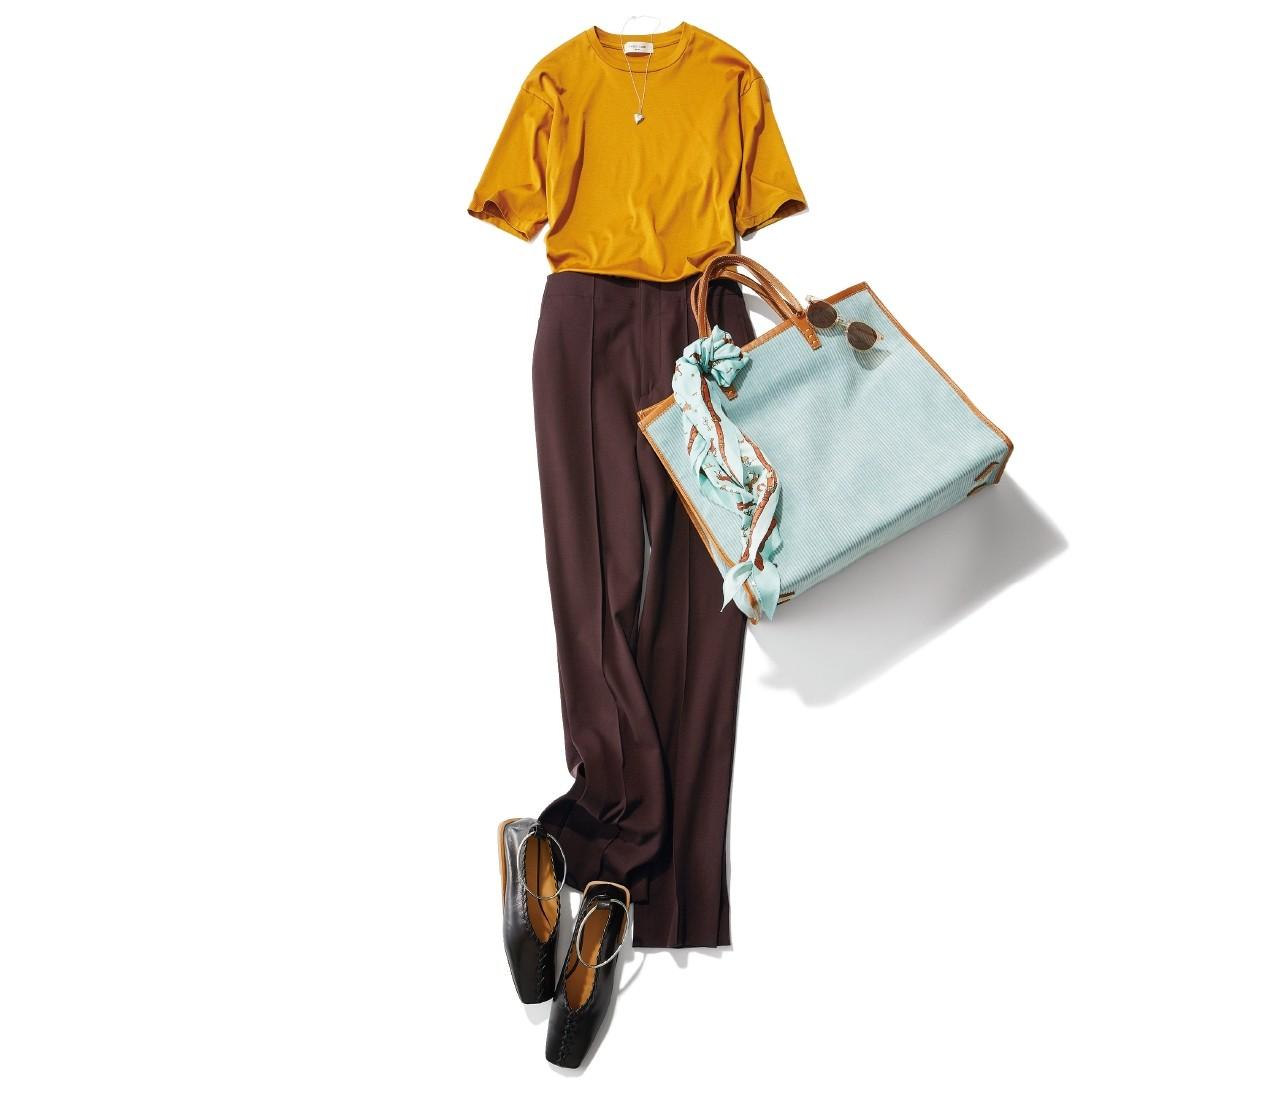 秋の注目カラー「黄みブラウン」のTシャツはこう着る!